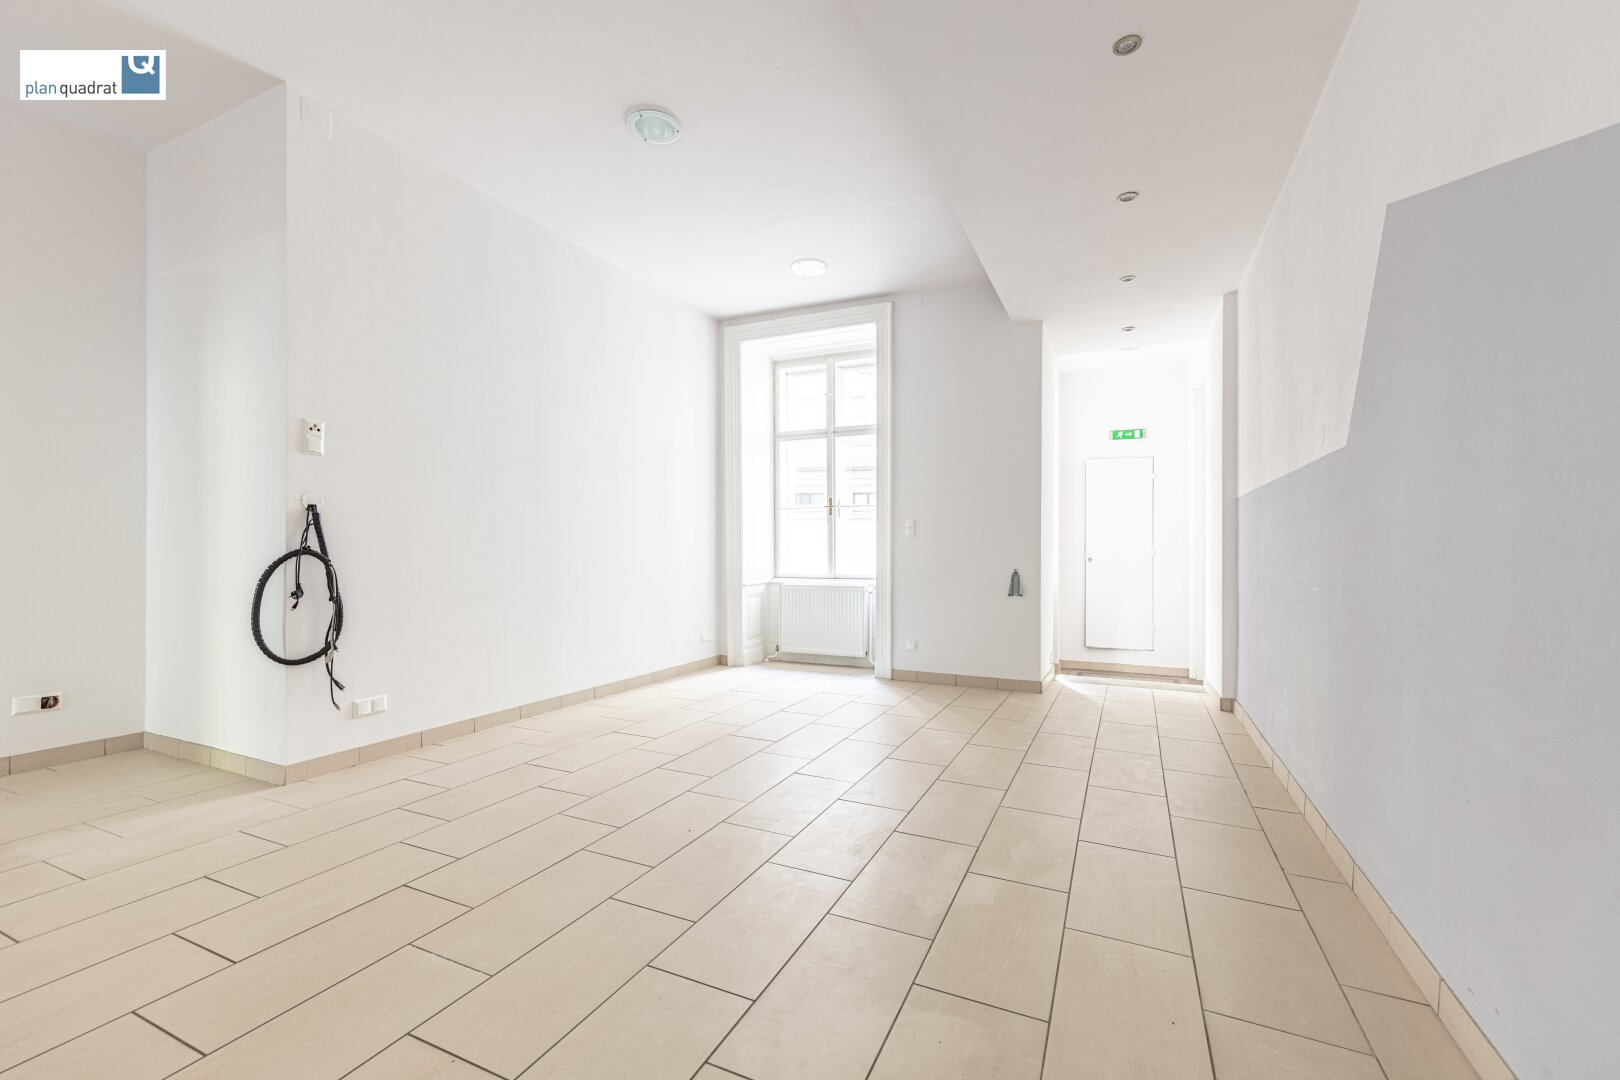 Vorraum / Empfang (ca. 46,30 m²) - Zugang von Stiege 1 (Haupteingang)